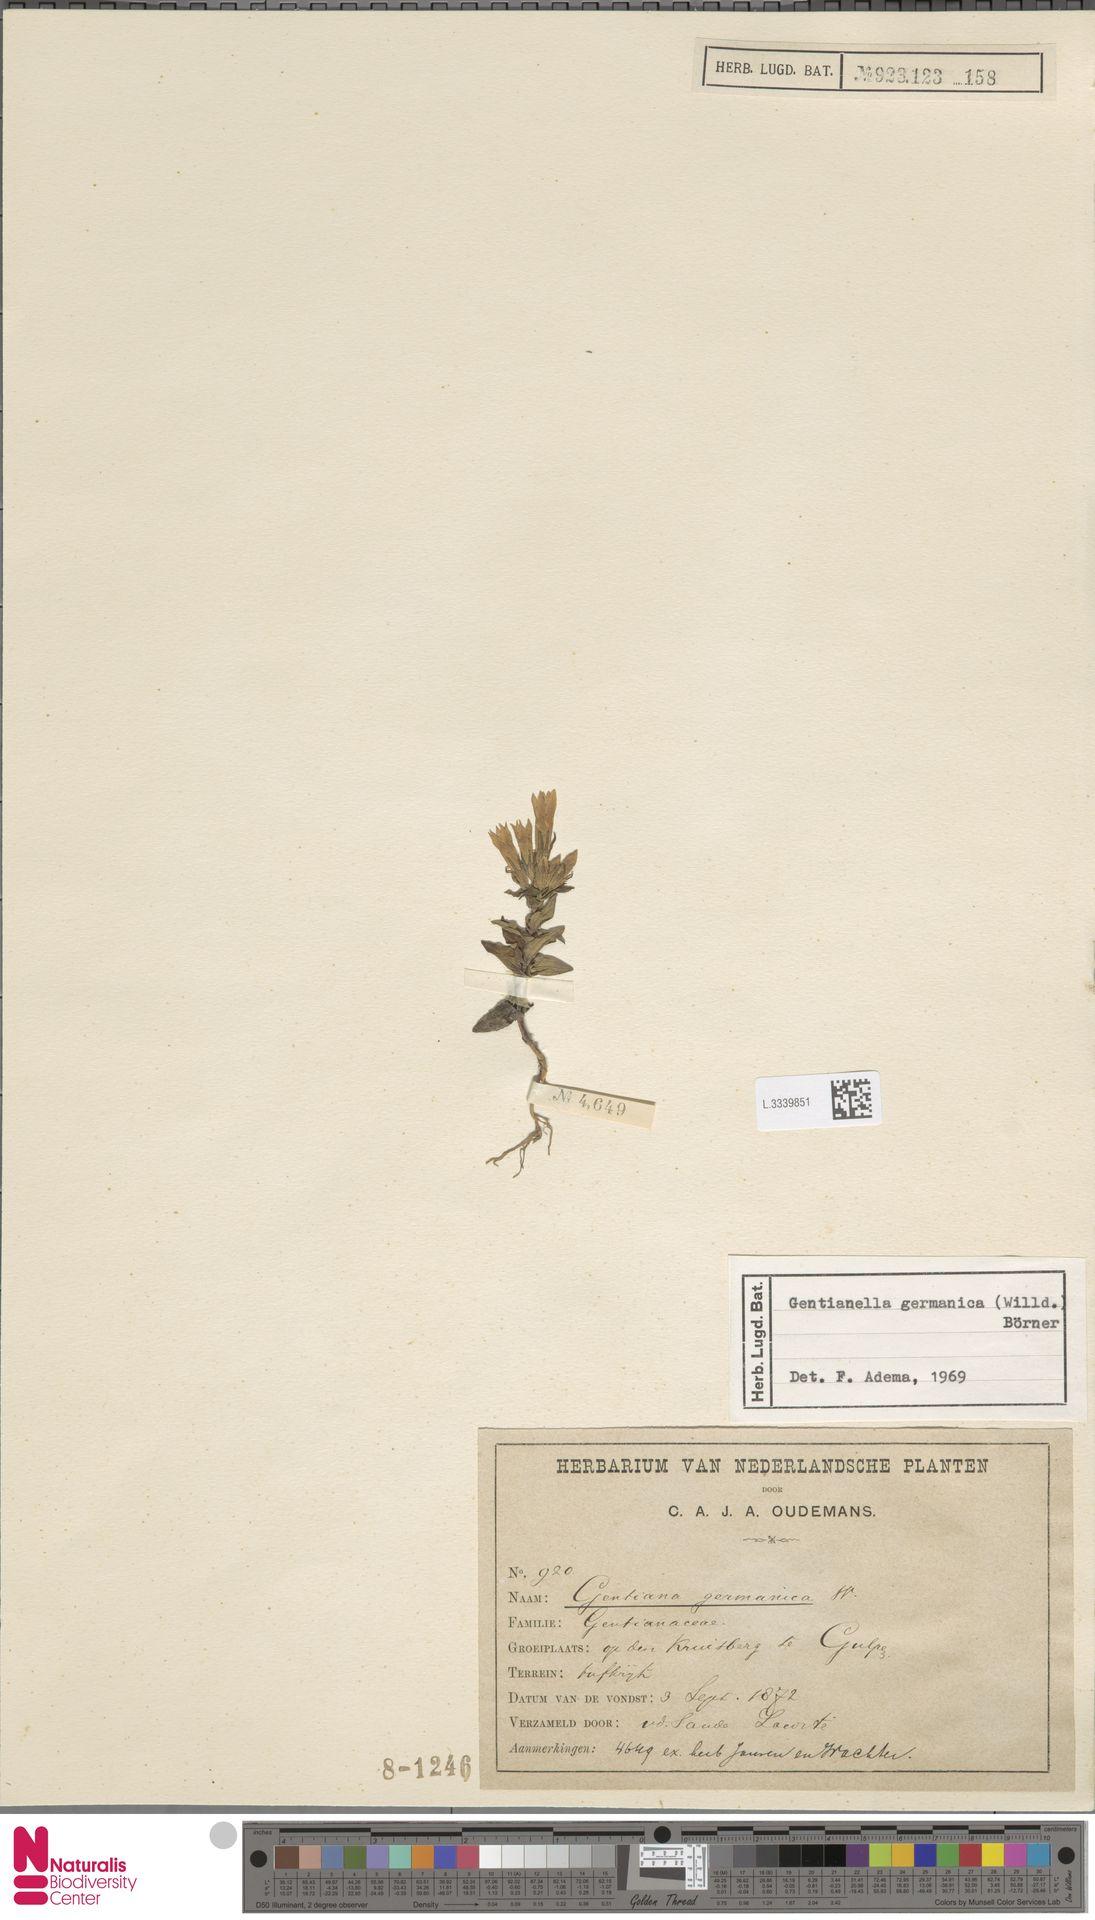 L.3339851 | Gentianella germanica (Willd.) E.F.Warb.